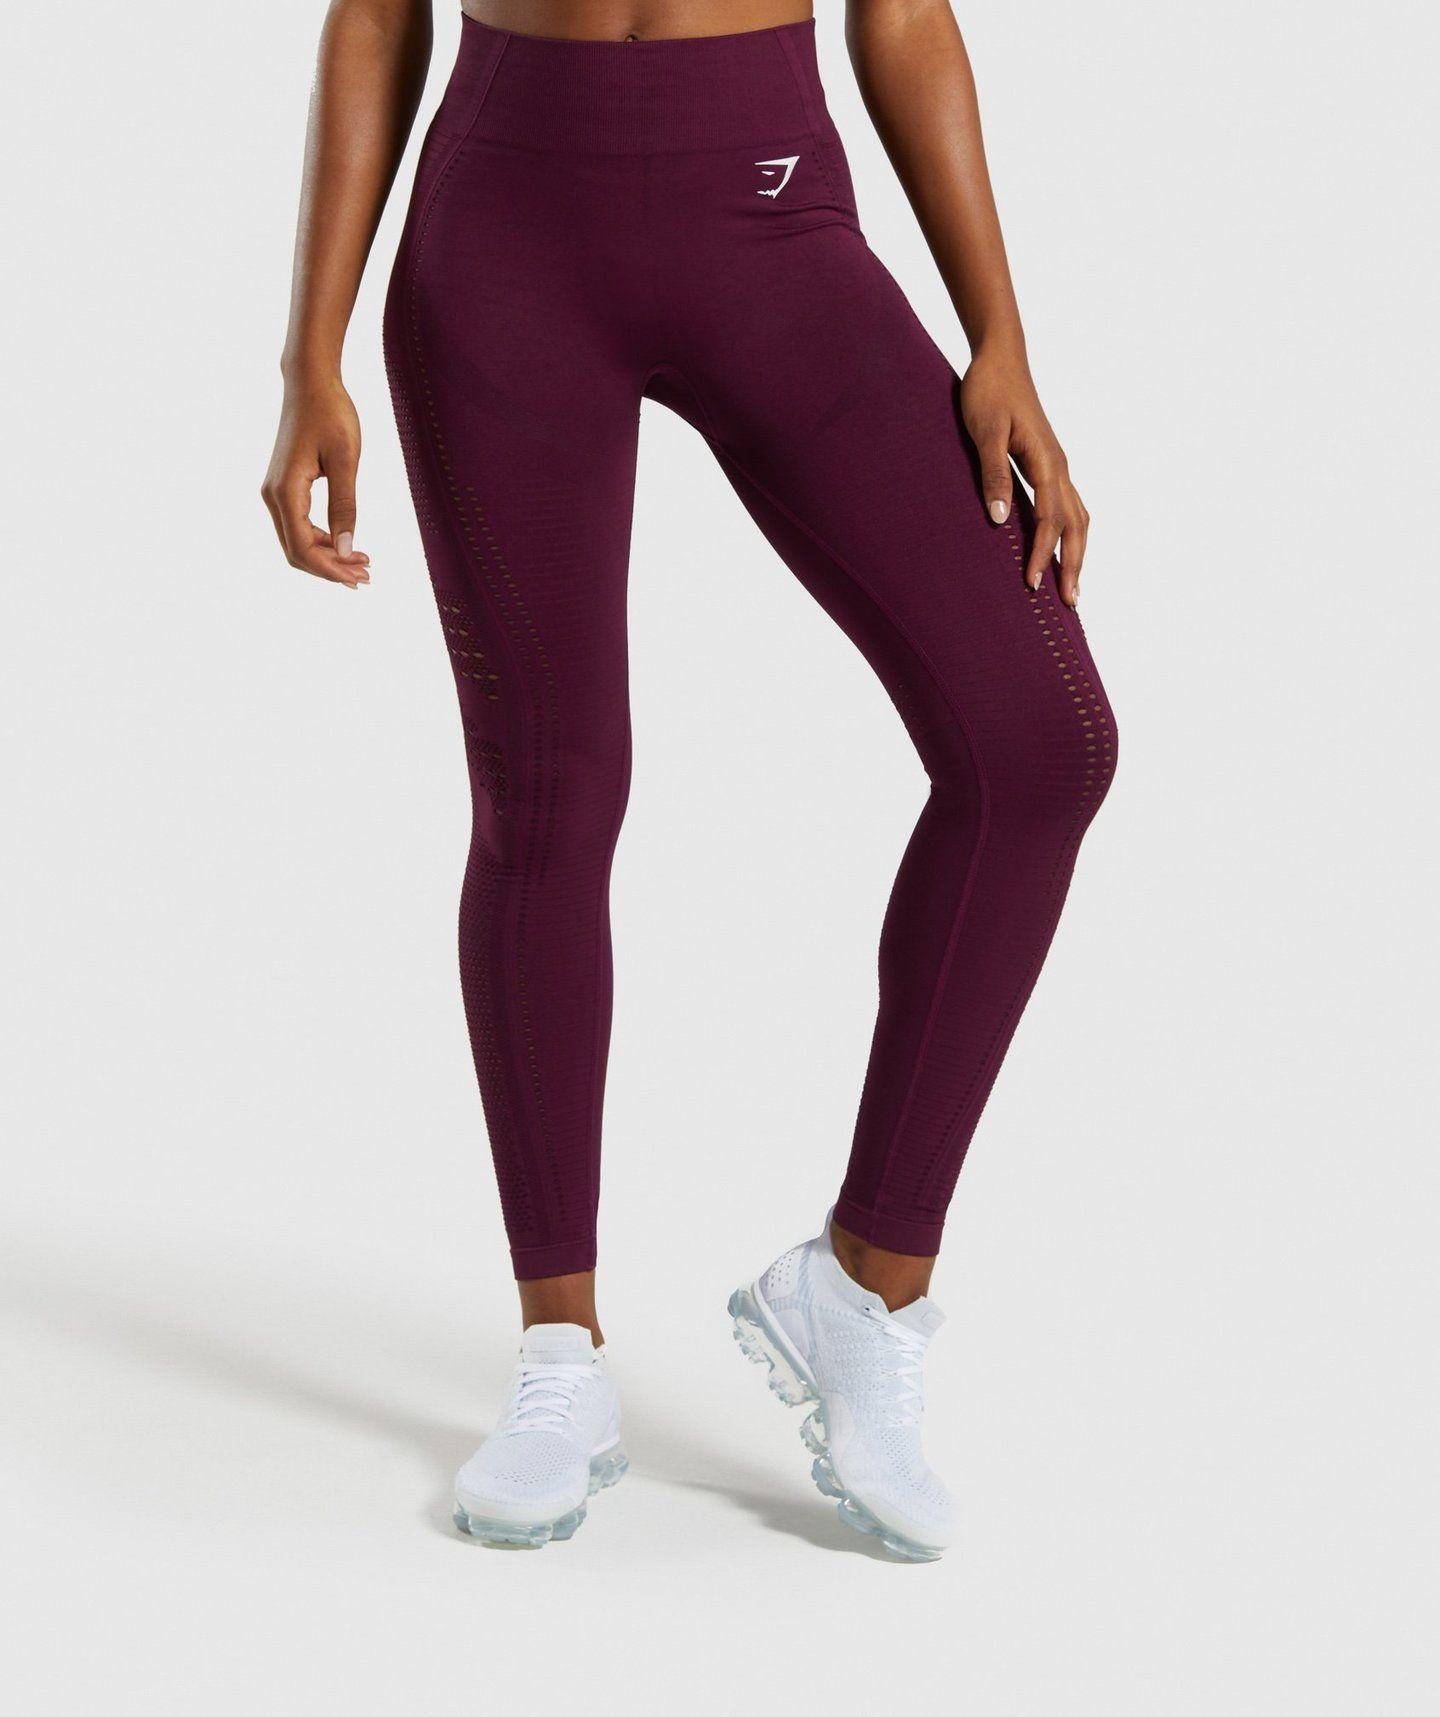 3ac6e46e7c8da Gymshark Flawless Knit Tights - Ruby | Bottoms & Leggings | Gymshark